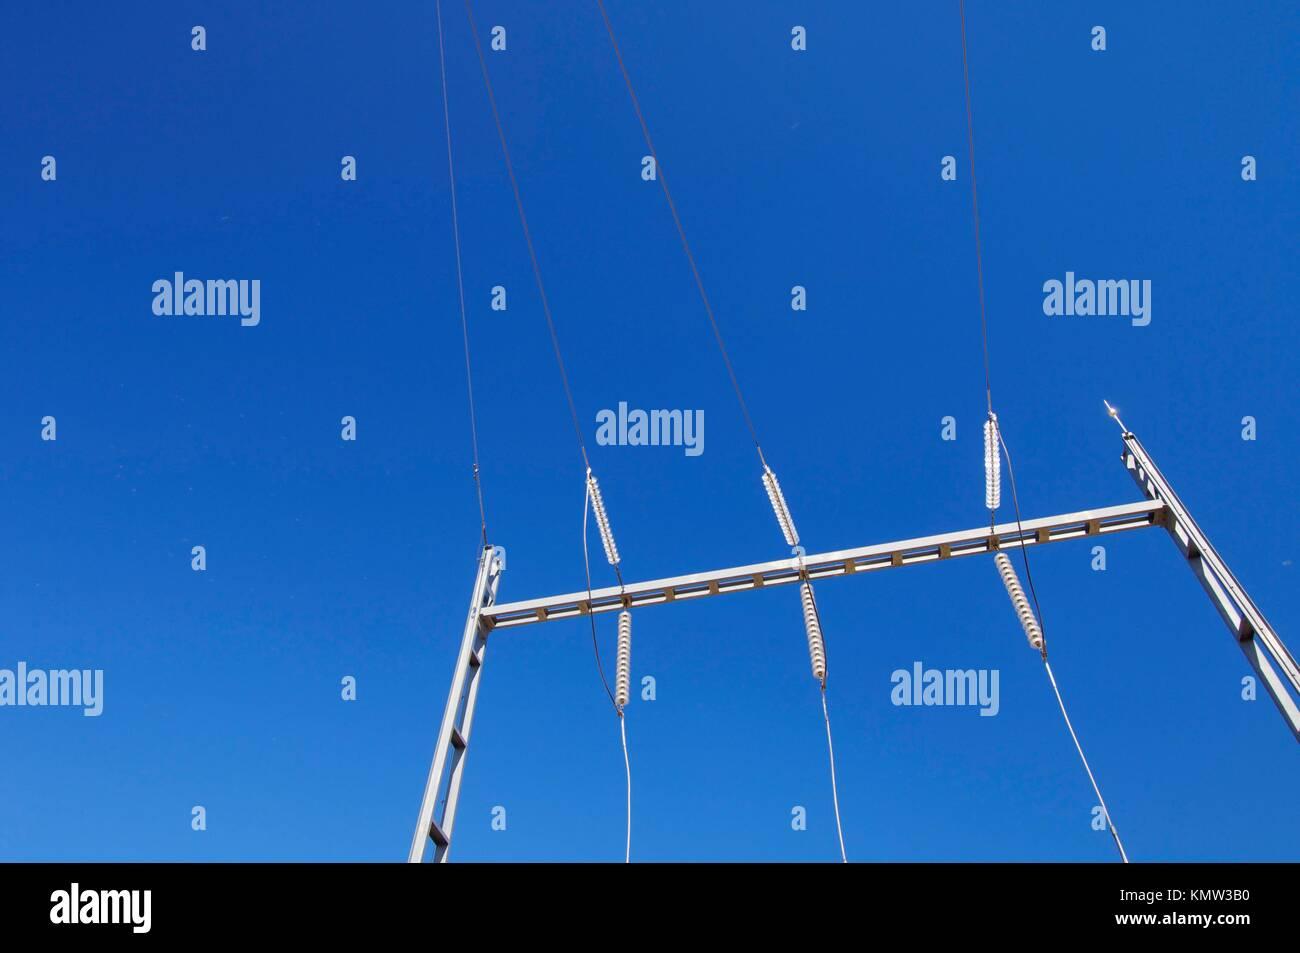 Detaillierte elektrische Verkabelung in einer Unterstation mit einem klaren blauen Himmel Stockbild